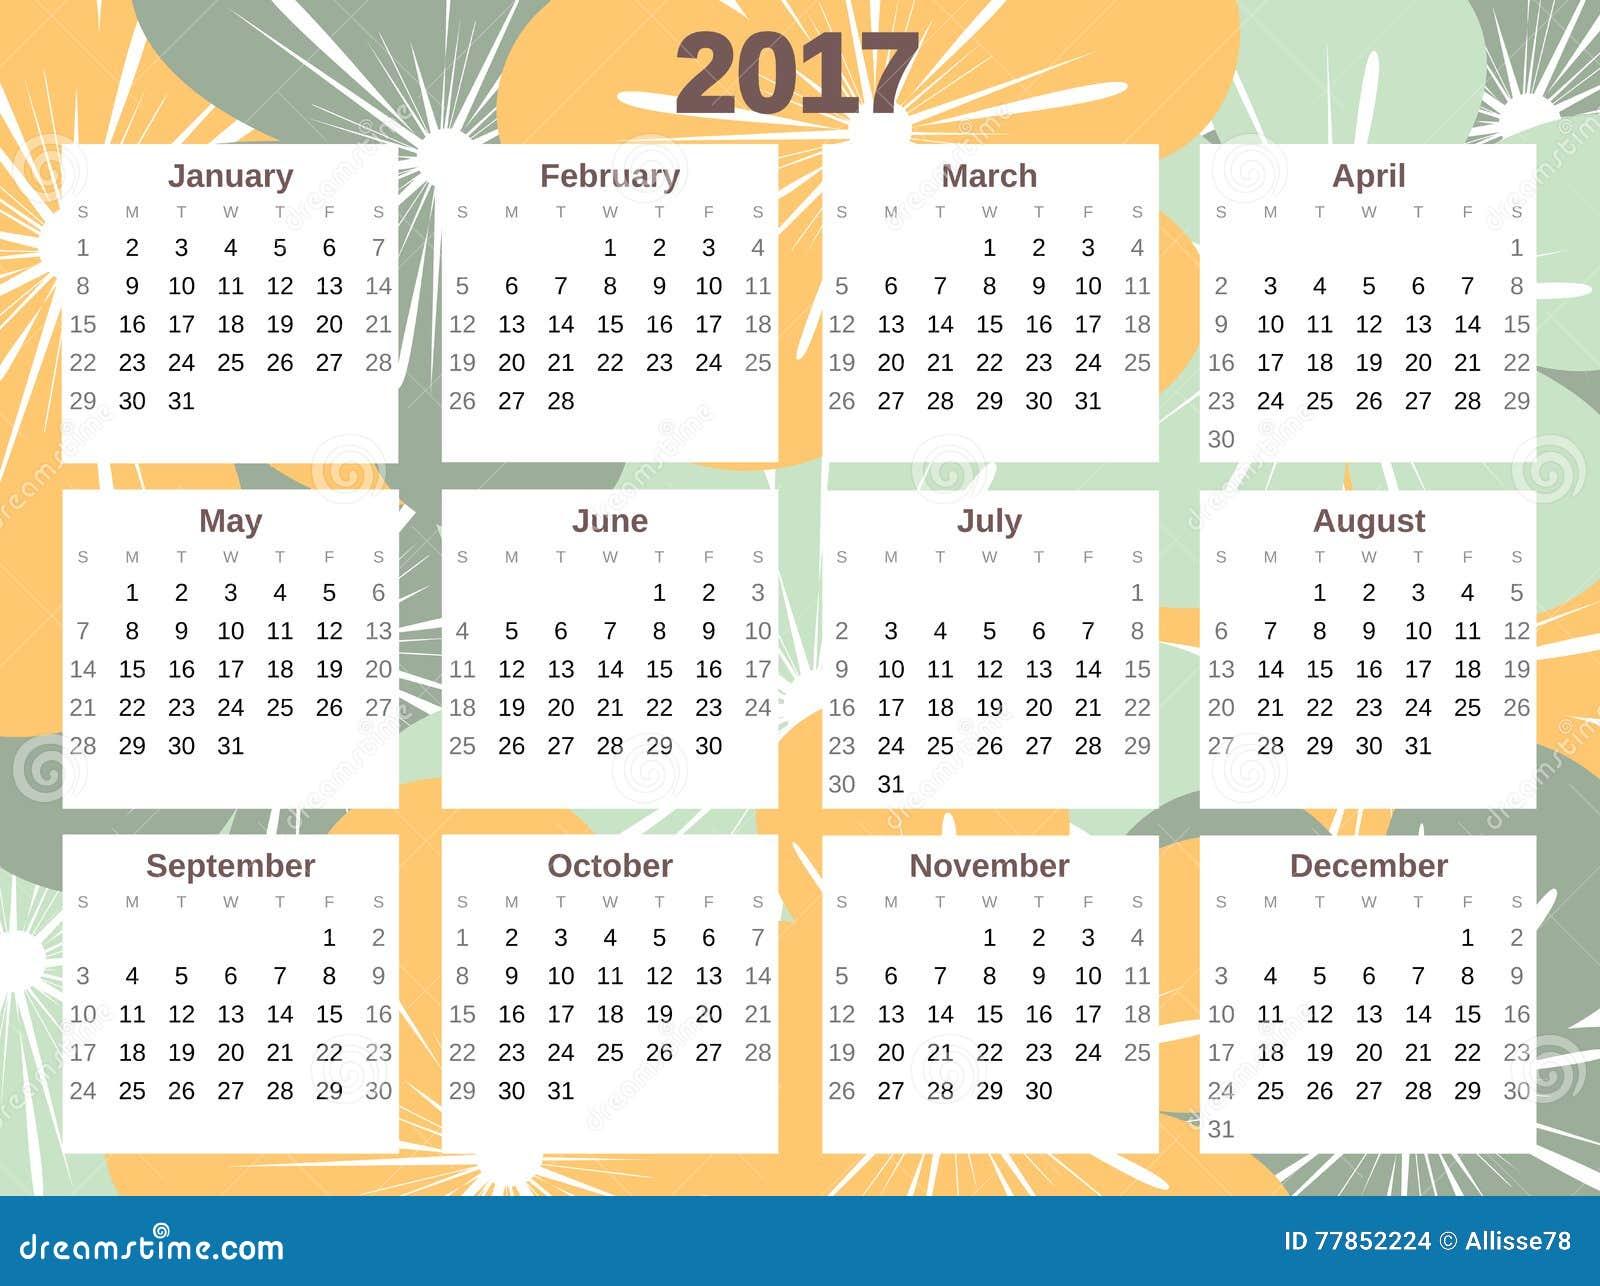 Cute October 2017 Calendar